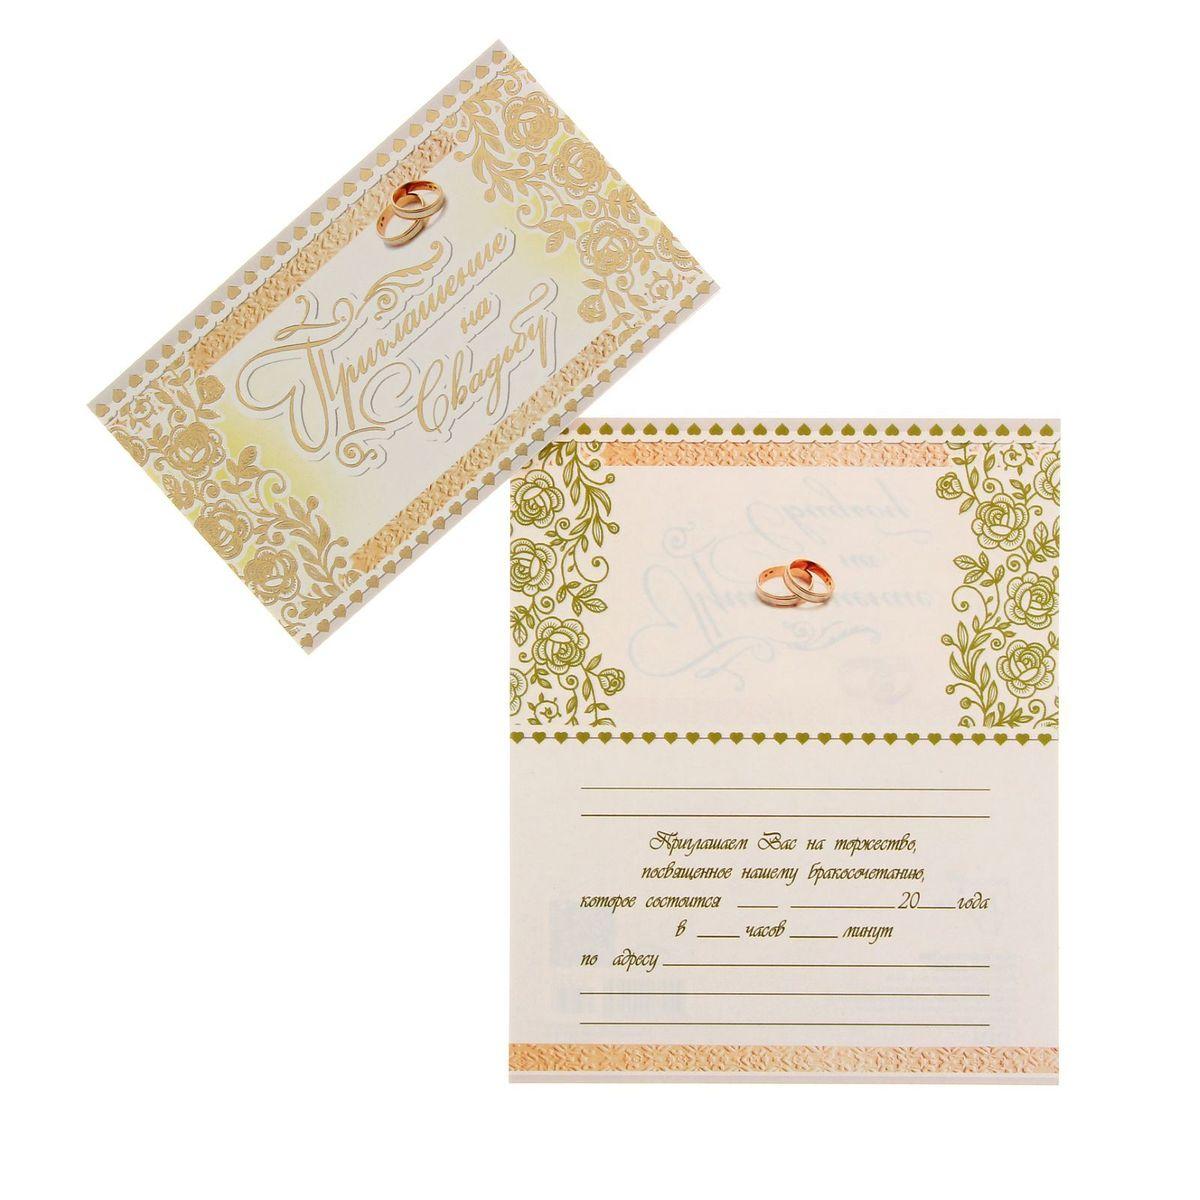 Приглашение на свадьбу Русский дизайн Кольца, 17 х 14 см1328447Красивая свадебная пригласительная открытка станет незаменимым атрибутом подготовки к предстоящему торжеству и позволит объявить самым дорогим вам людям о важном событии в вашей жизни. Приглашение на свадьбу Русский дизайн Кольца, выполненное из картона, отличается не только оригинальным дизайном, но и высоким качеством. Внутри - текст приглашения. Вам остается заполнить необходимые строки и раздать гостям. Устройте себе незабываемую свадьбу! Размер: 17 х 14 см.